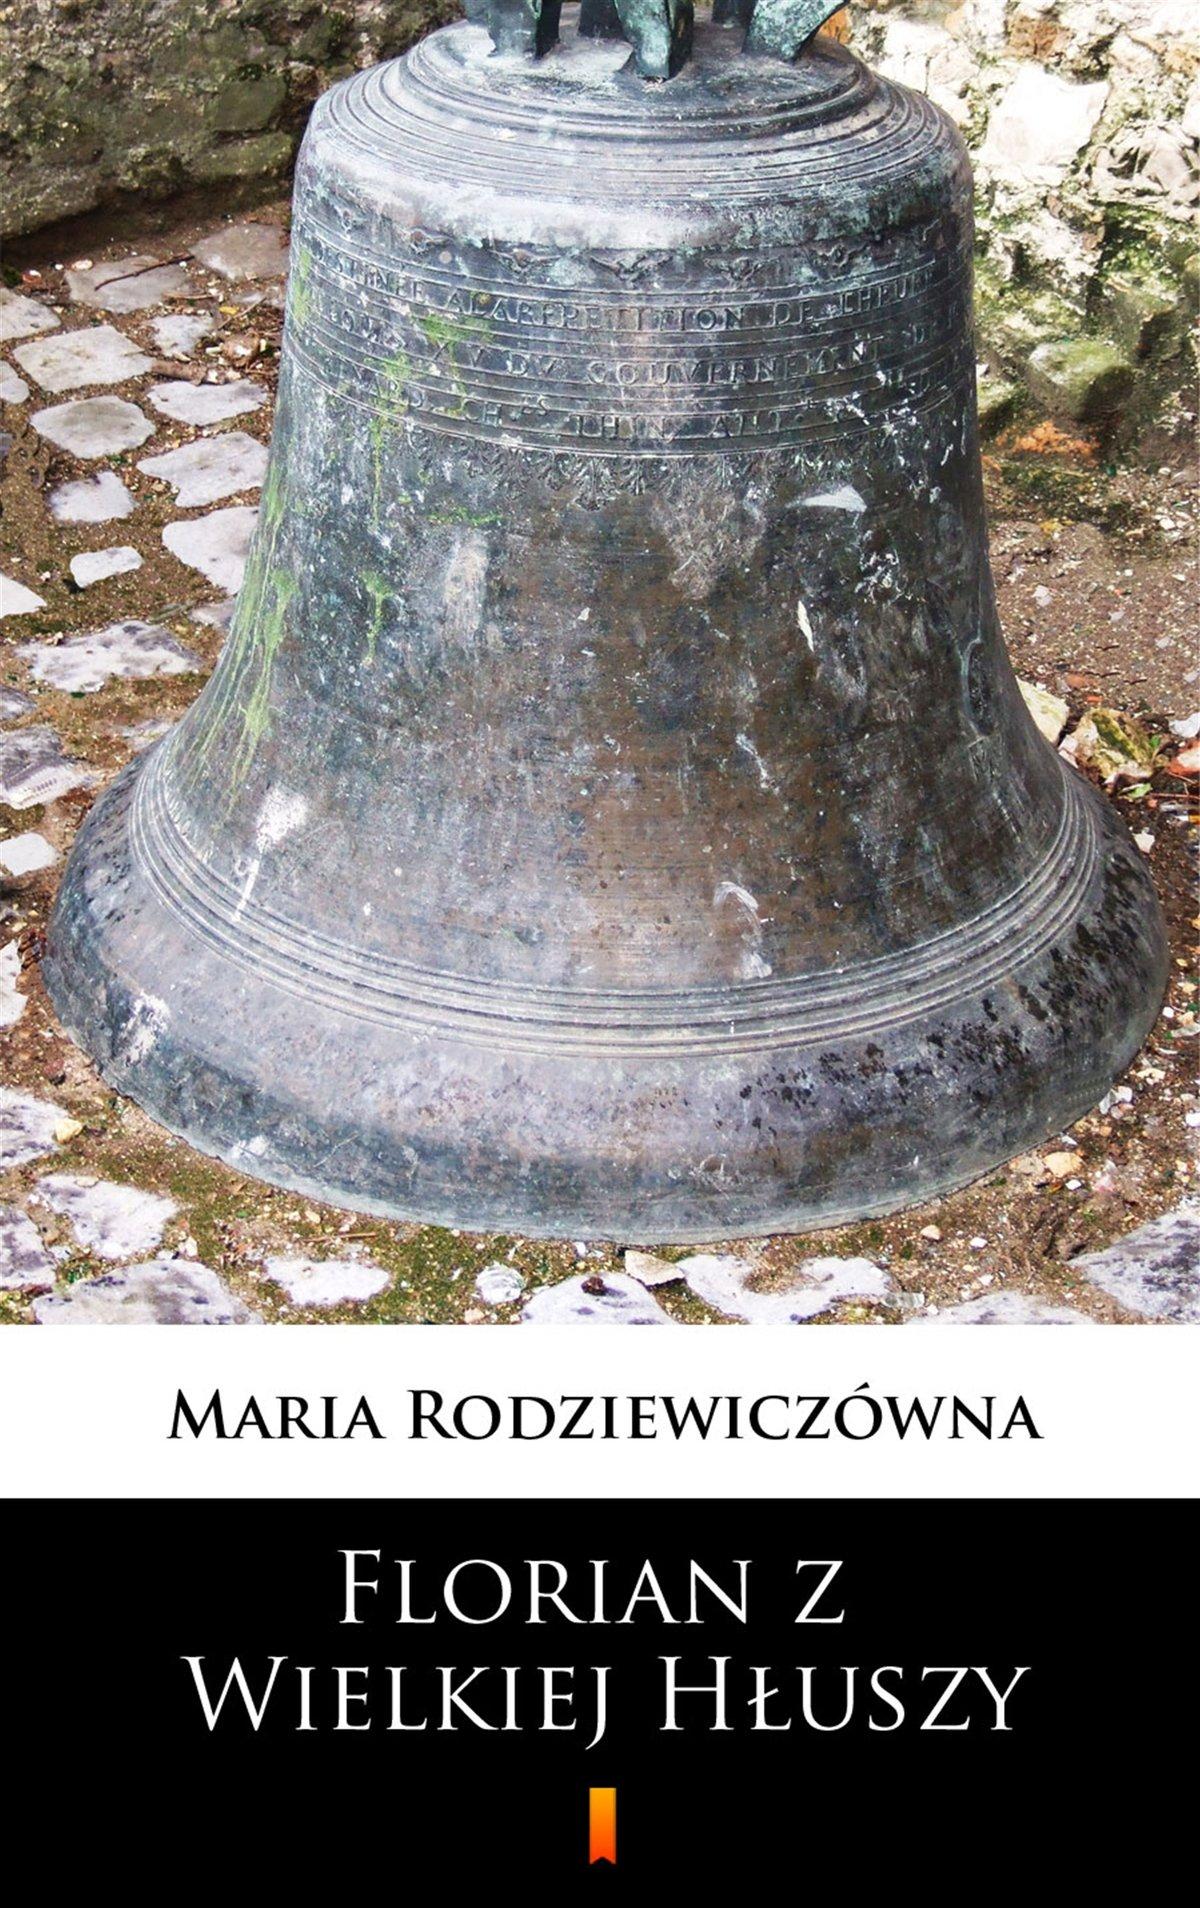 Florian z Wielkiej Hłuszy - Ebook (Książka na Kindle) do pobrania w formacie MOBI